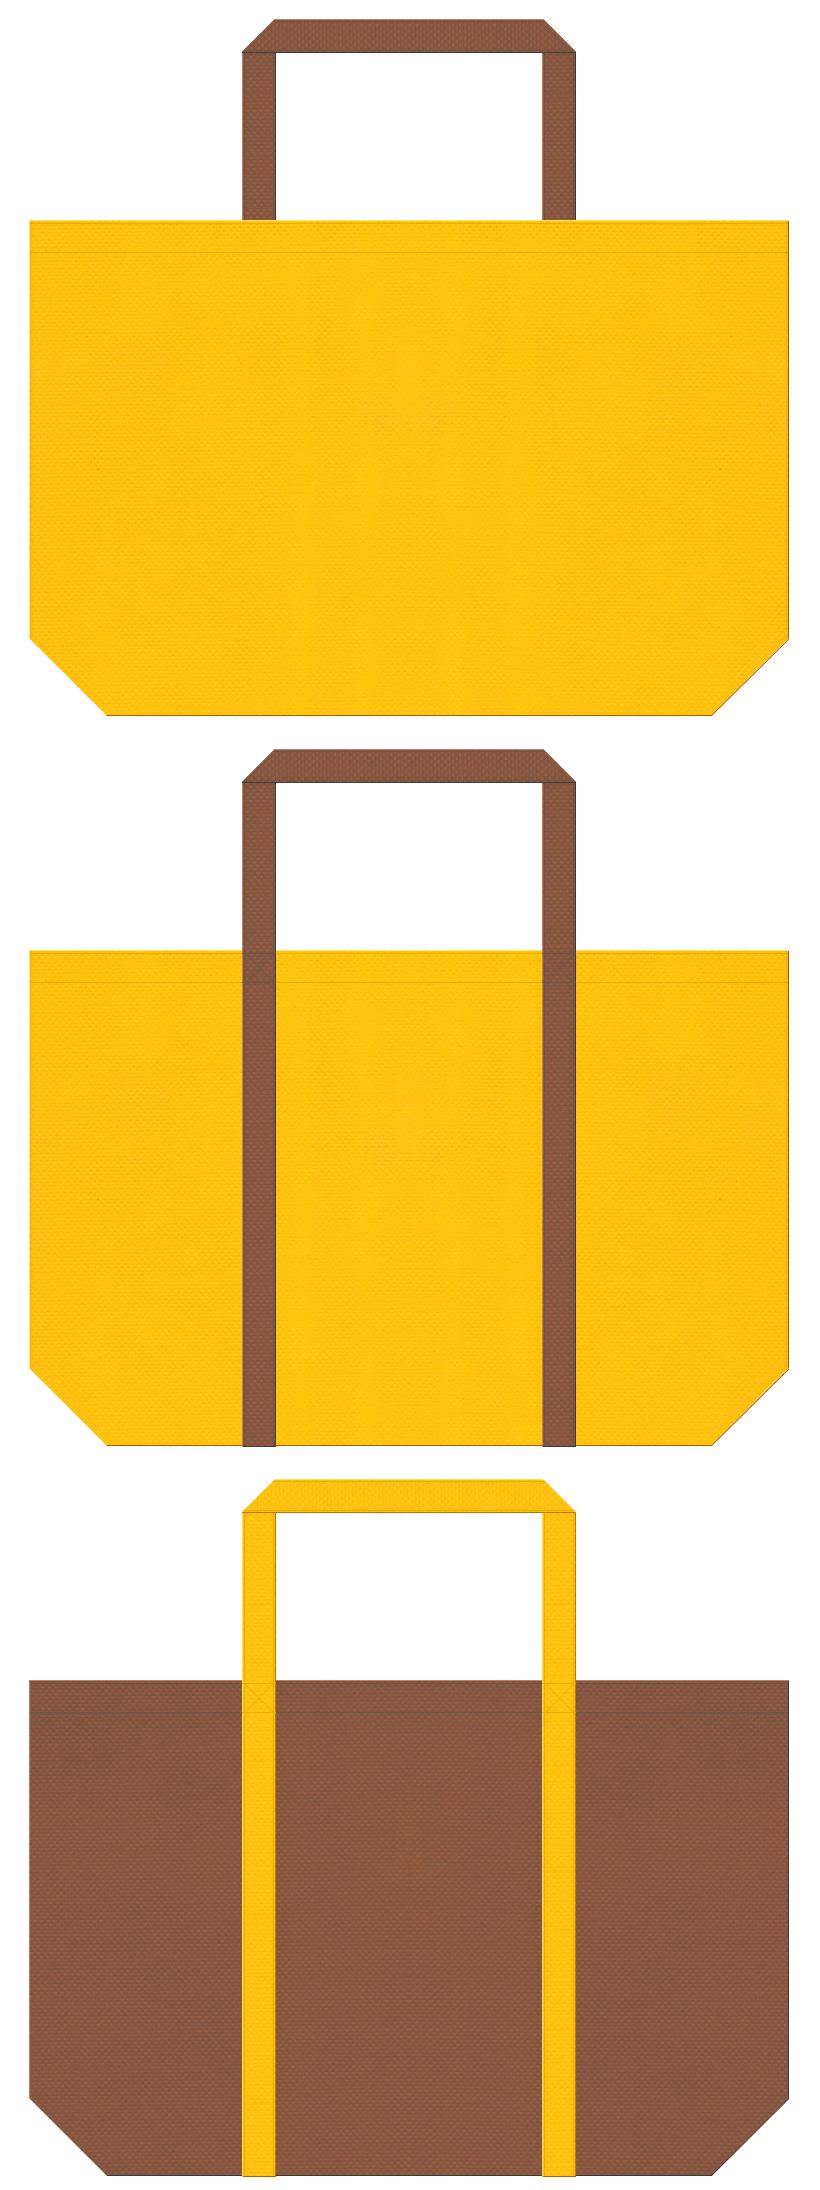 黄色と茶色の不織布バッグデザイン。スイーツ・カステラのショッピングバッグにお奨めです。